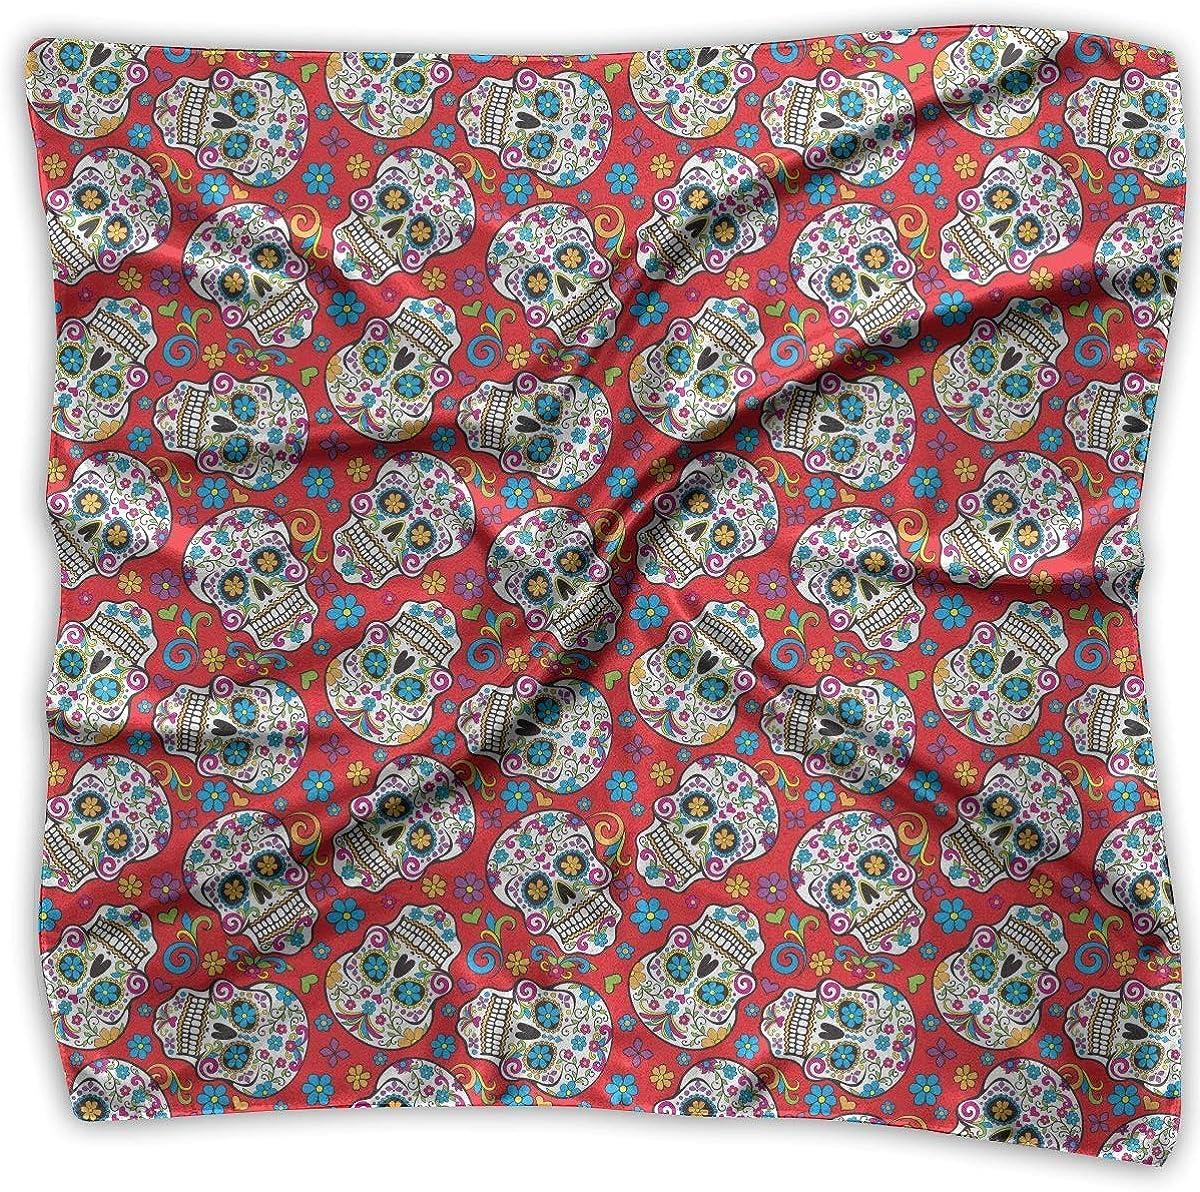 Voxpkrs Foulard quadrato in raso Foulard folclorico Seta rossa come i capelli leggeri Avvolgente collo Sciarpe quadrate Large